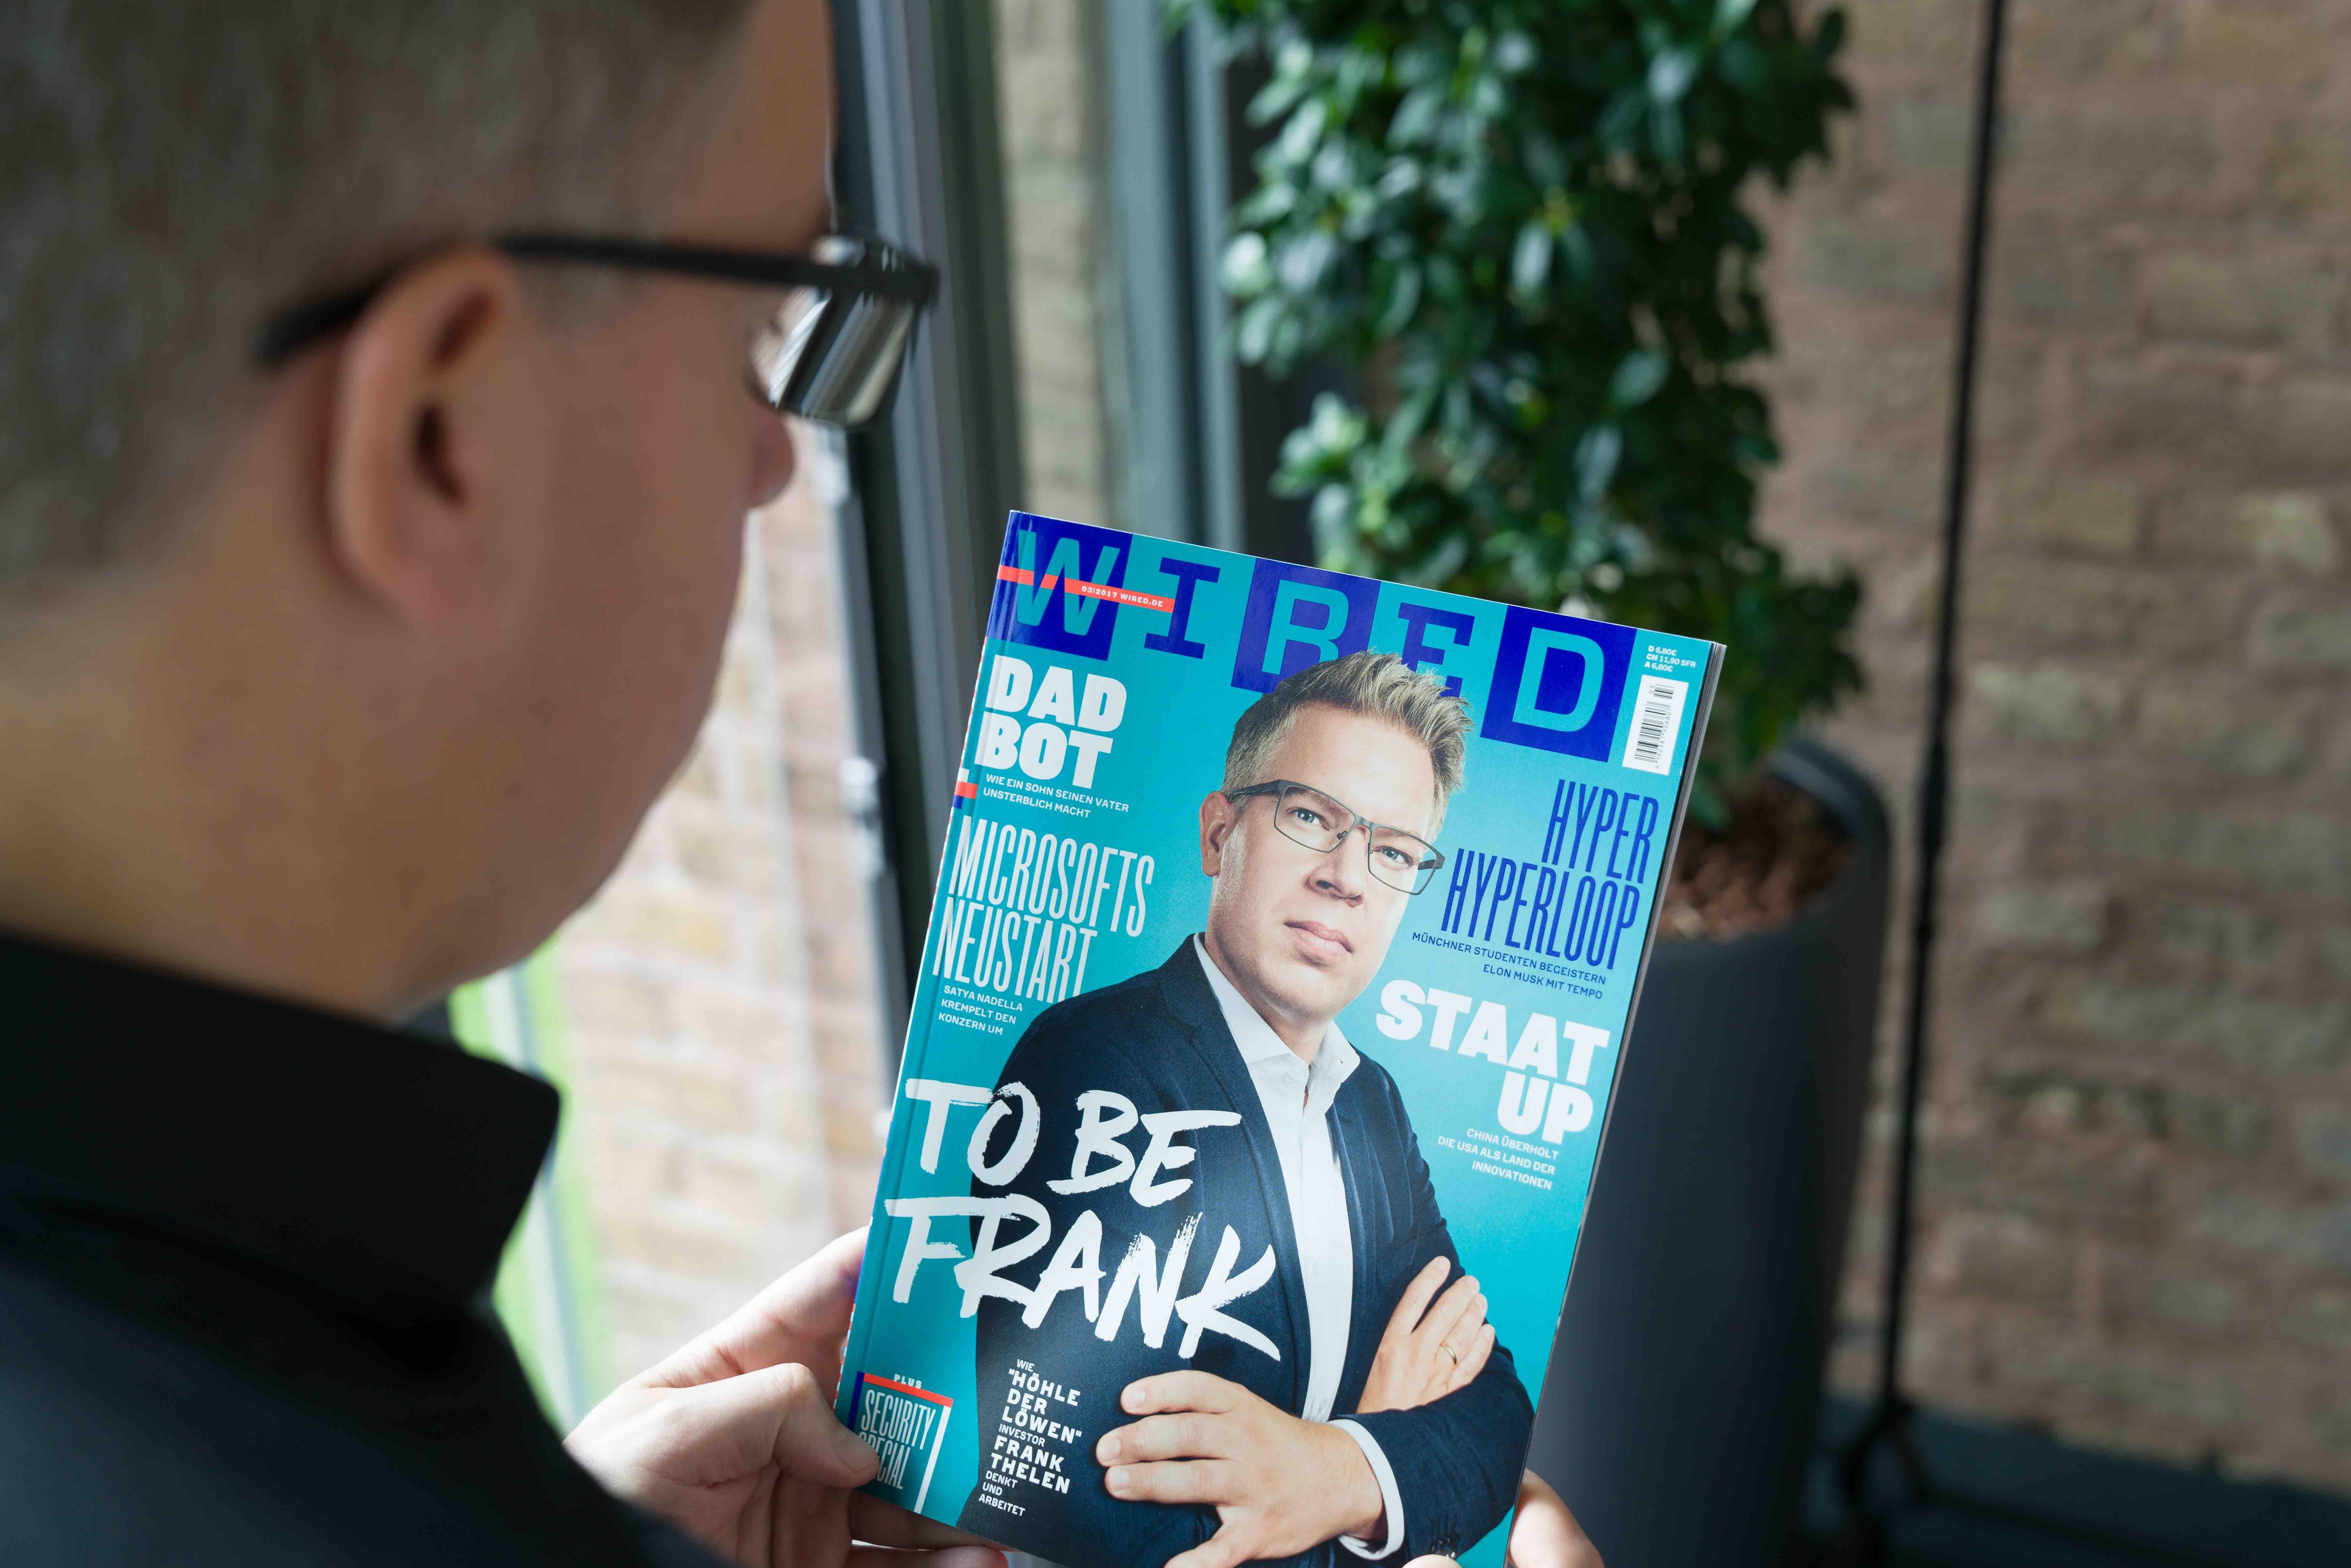 OPT_Founders_Gründer_Geschichte_Frank_Thelen_bild10